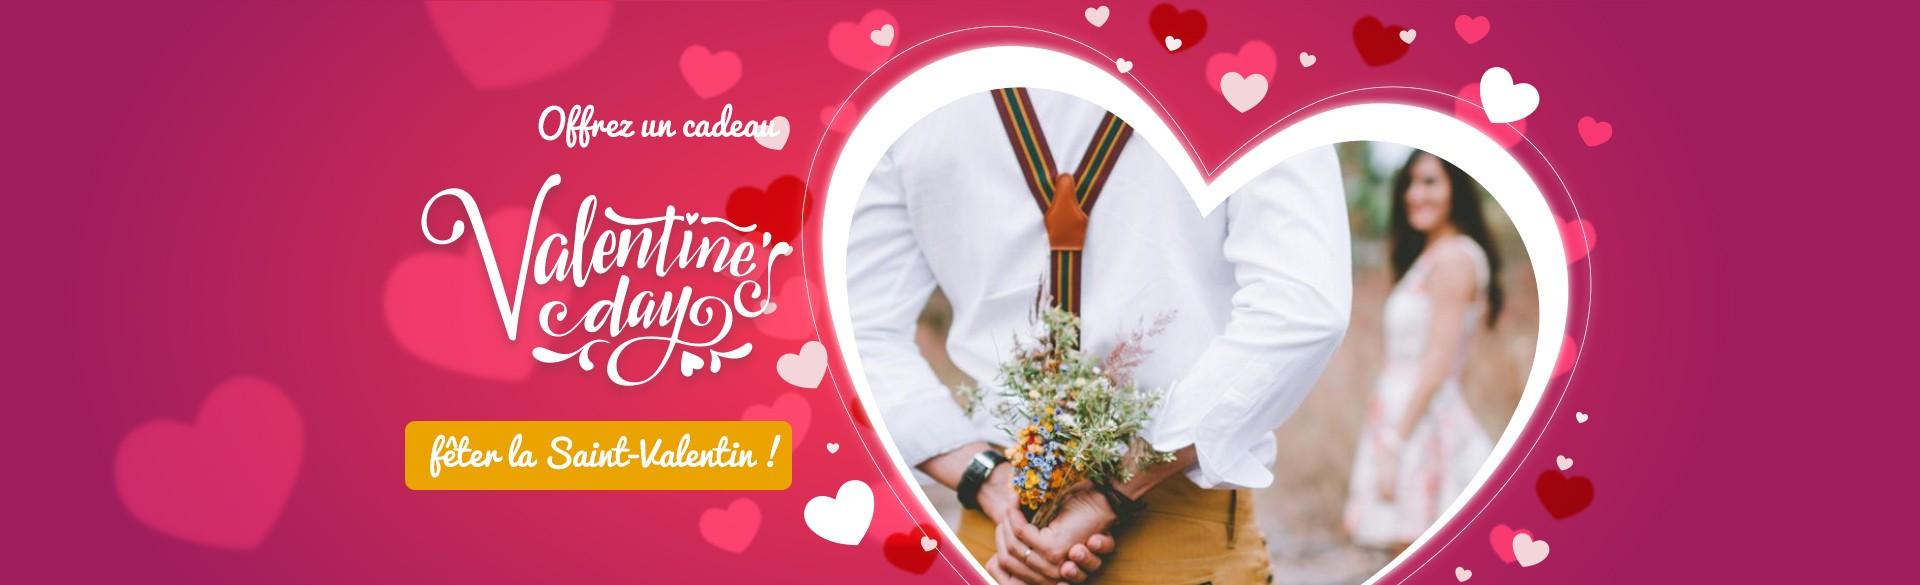 offrir un cadeau saint valentin